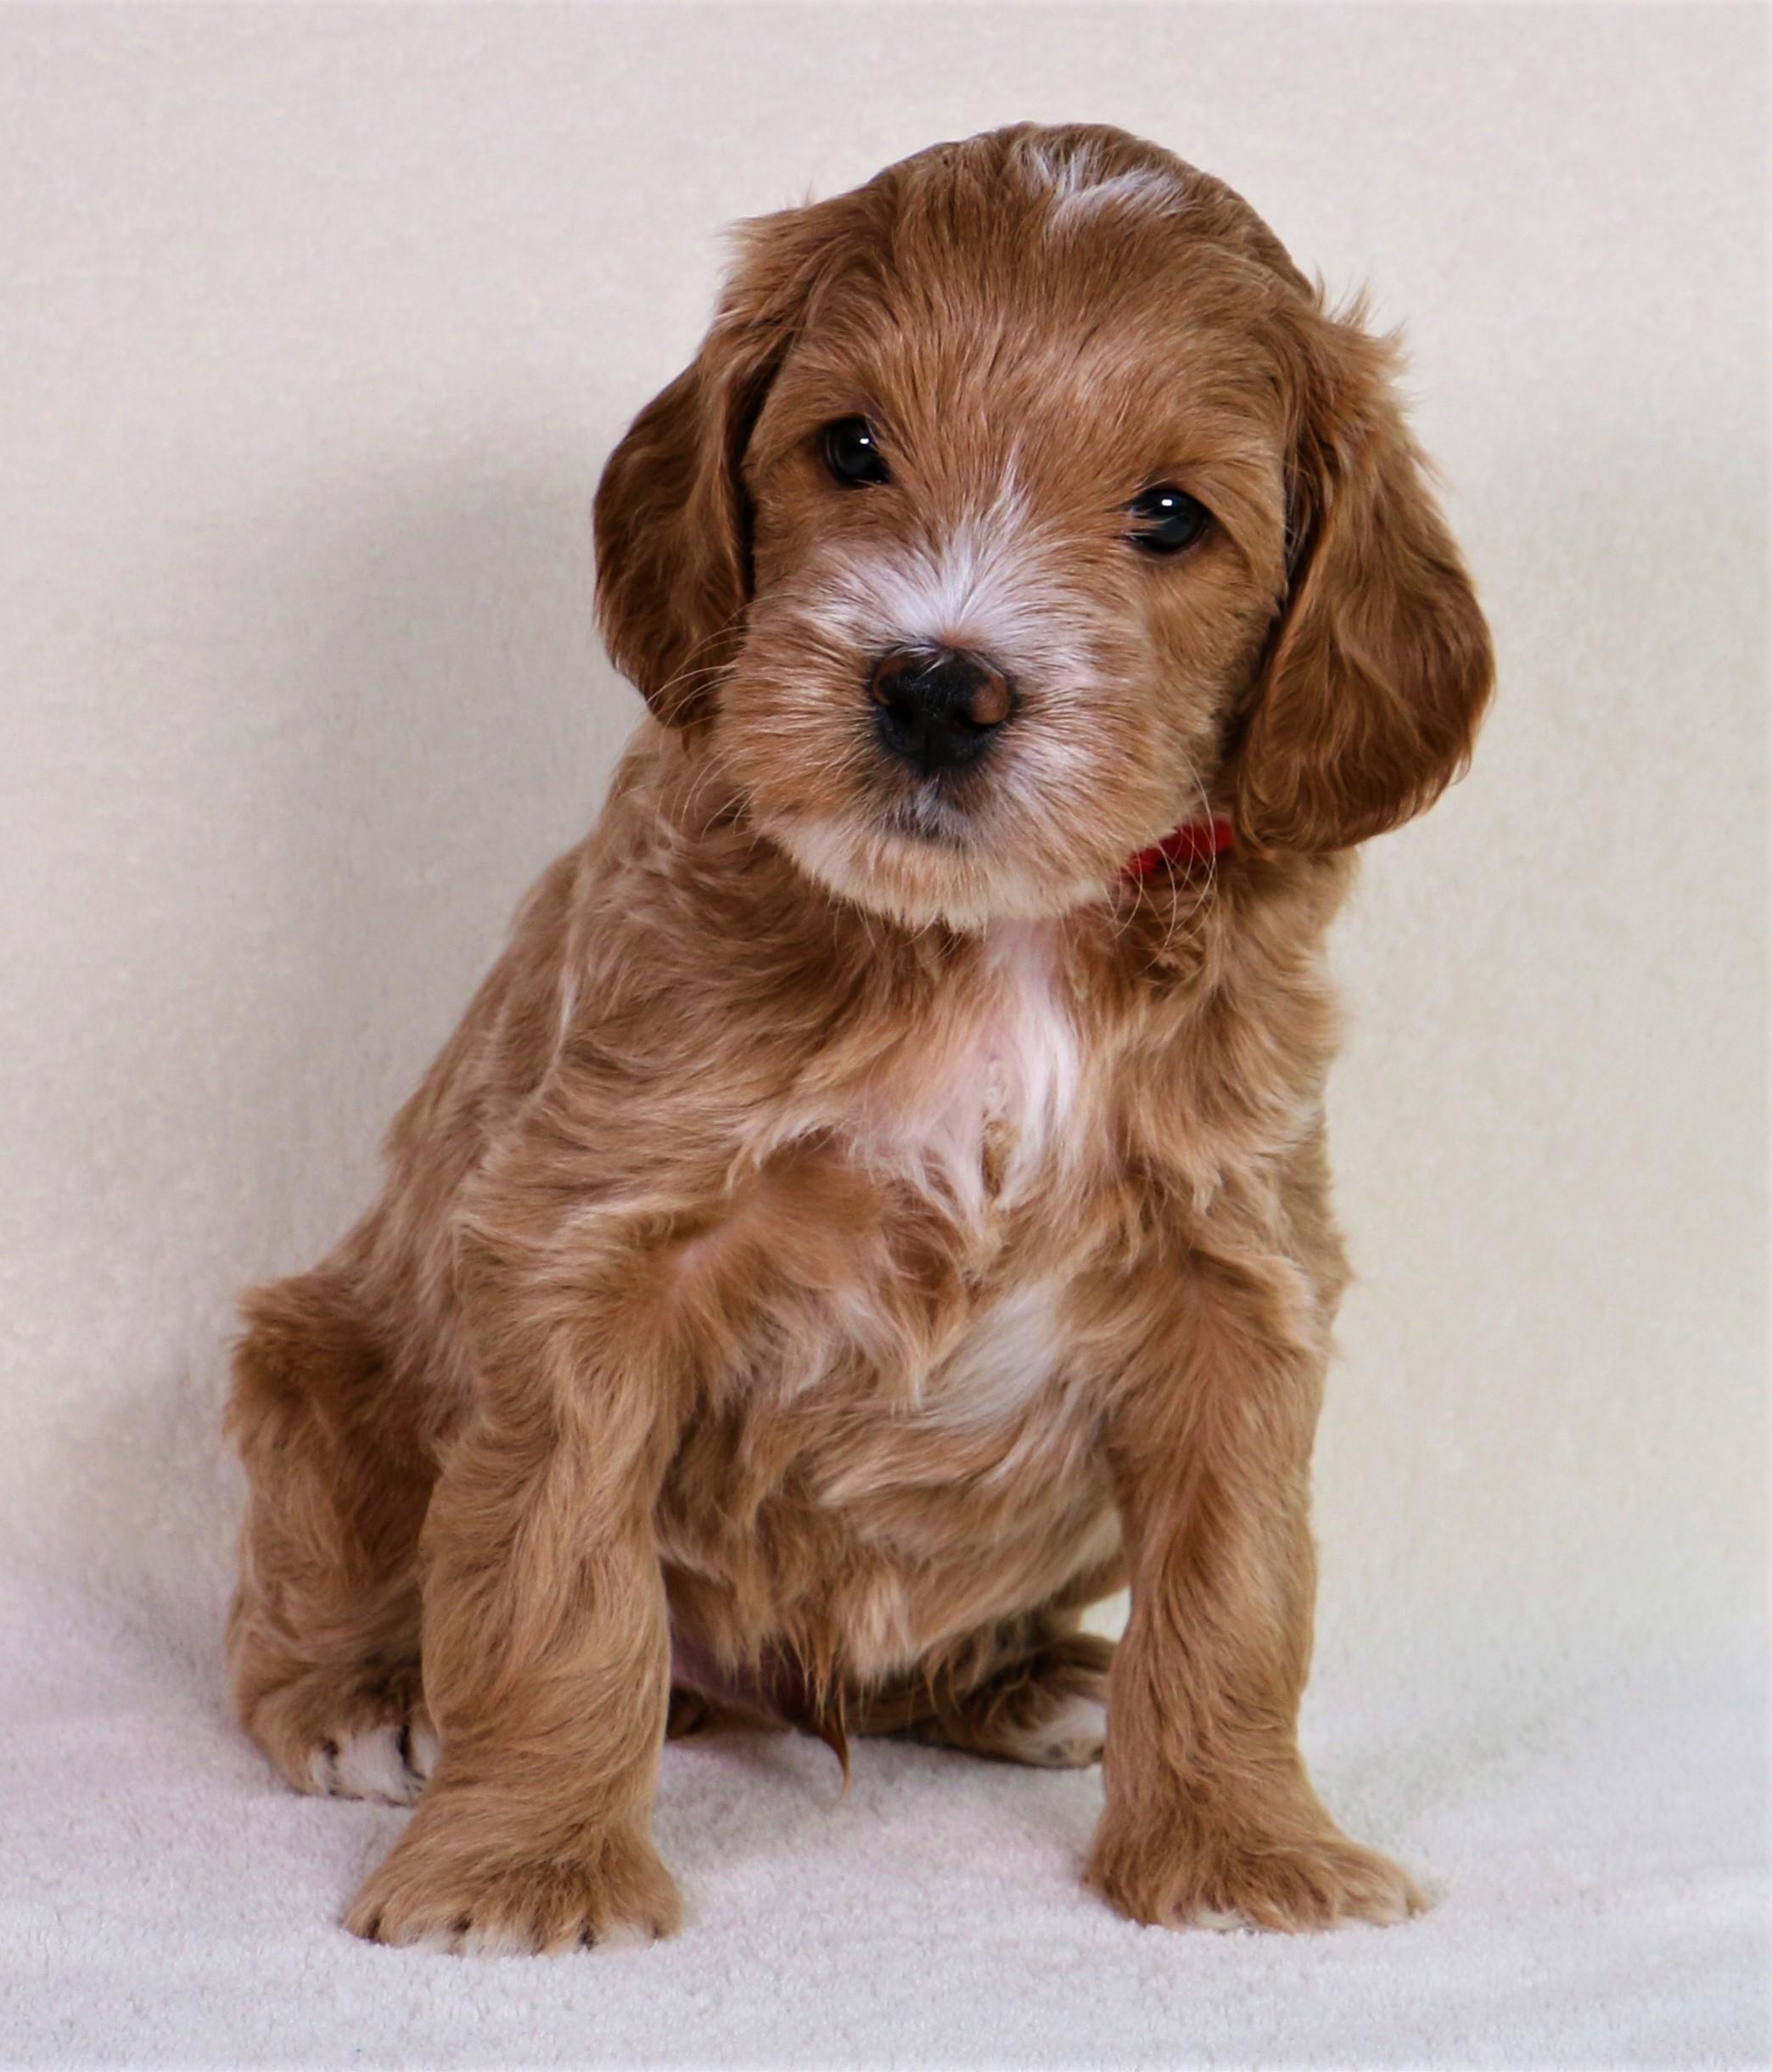 Teddy at 6 Weeks